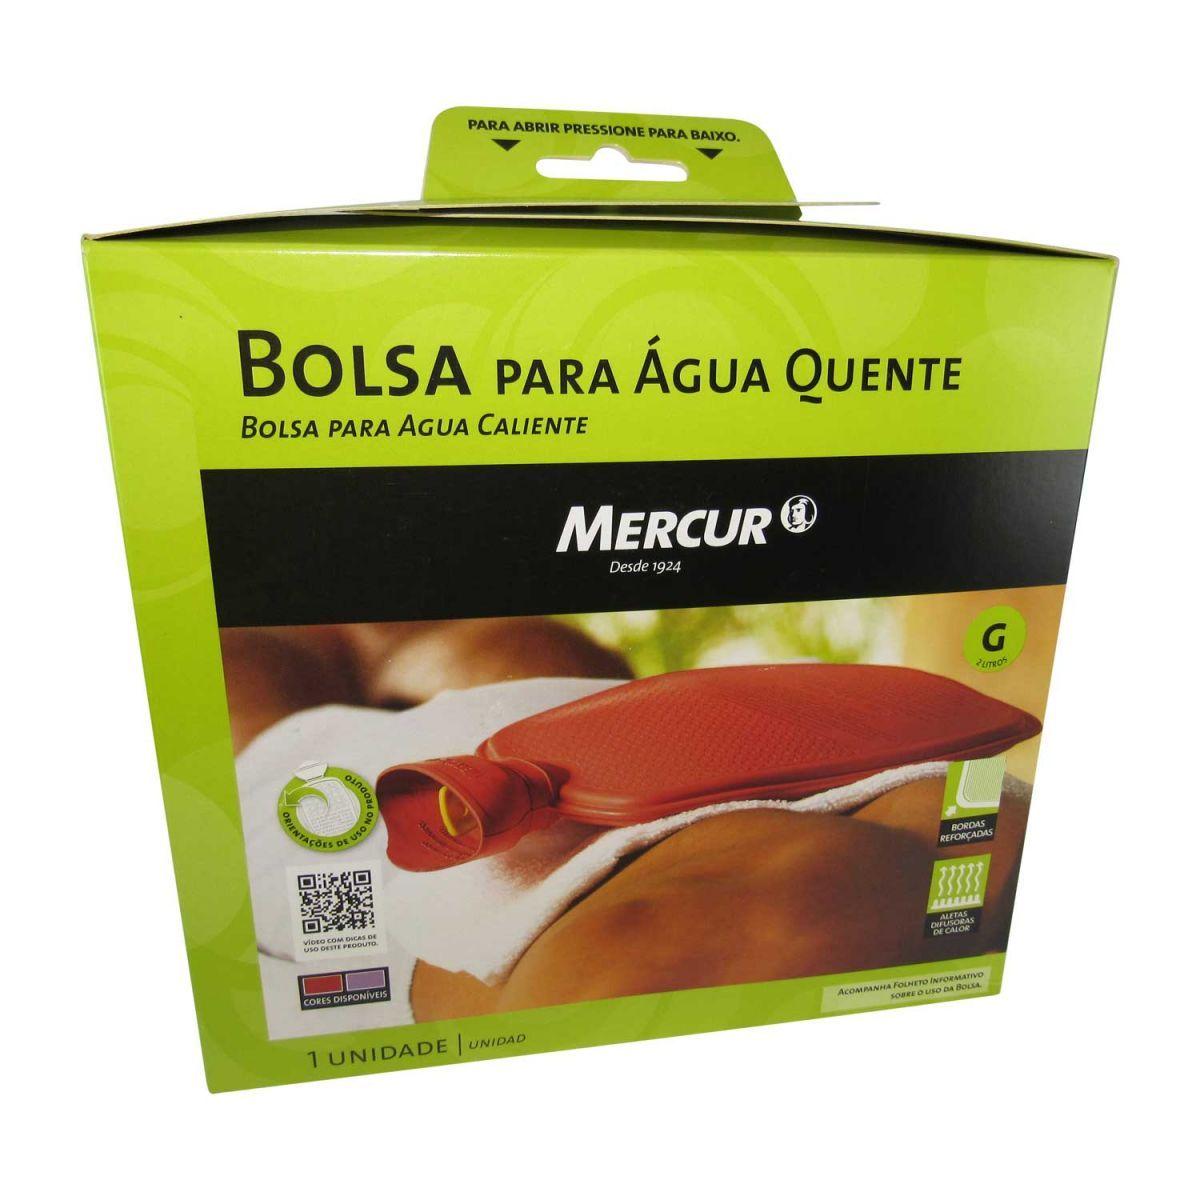 Bolsa para Água Quente Mercur Grande 2 litros